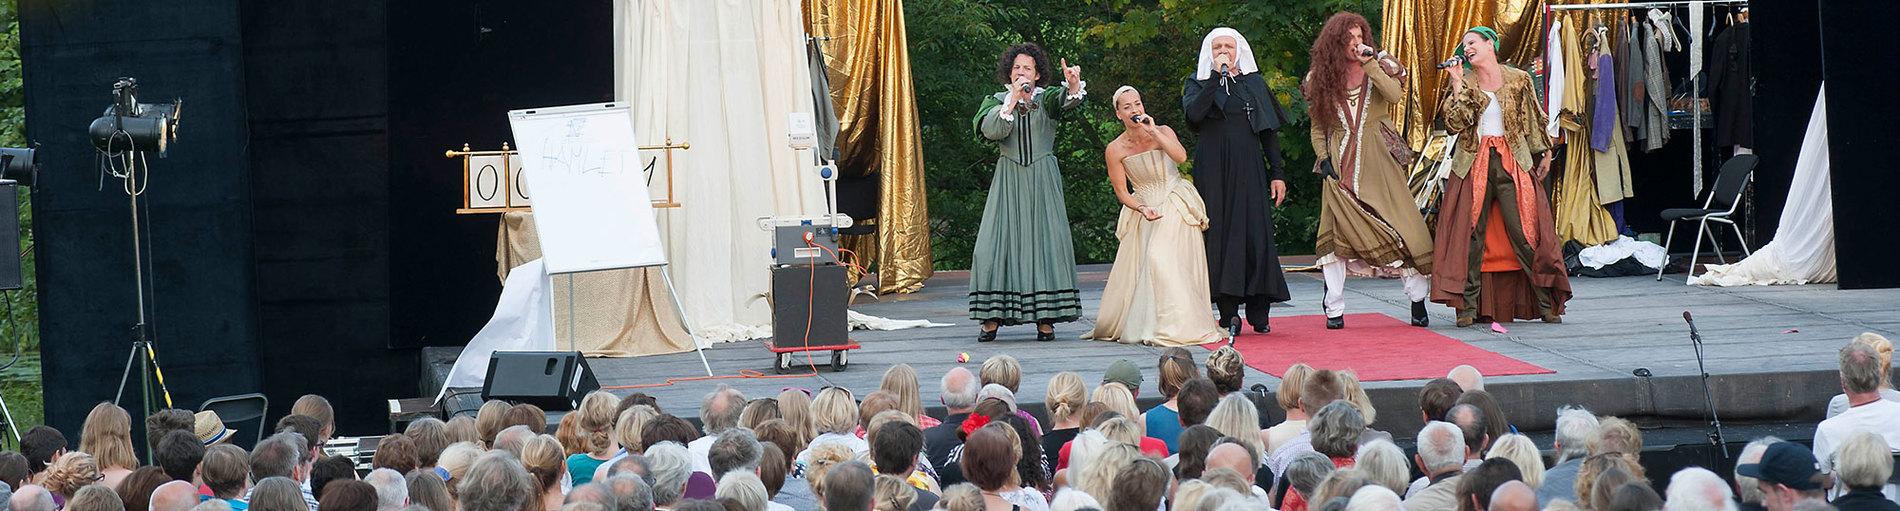 Bühne im Bürgerpark mit Schauspielern darauf und Zuschauern davor.